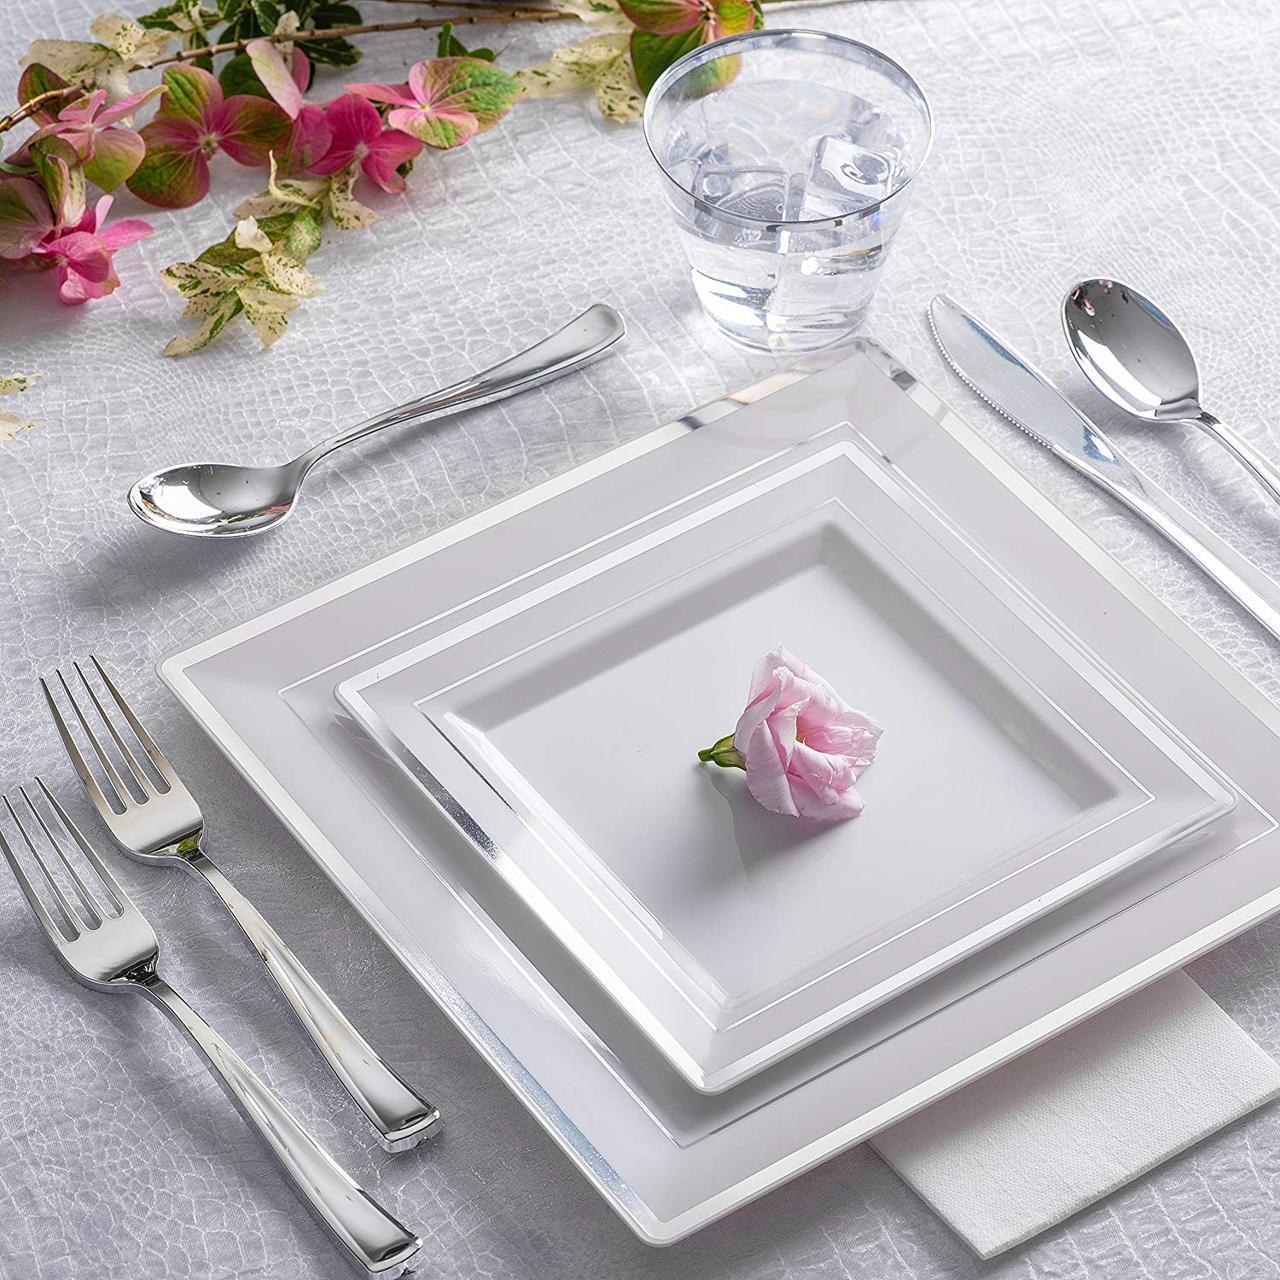 Тарелки пластиковые сервировочные для ресторанов,кафе,кейтеринга,хореки оптом от производителя CFP 6 шт 260 мм